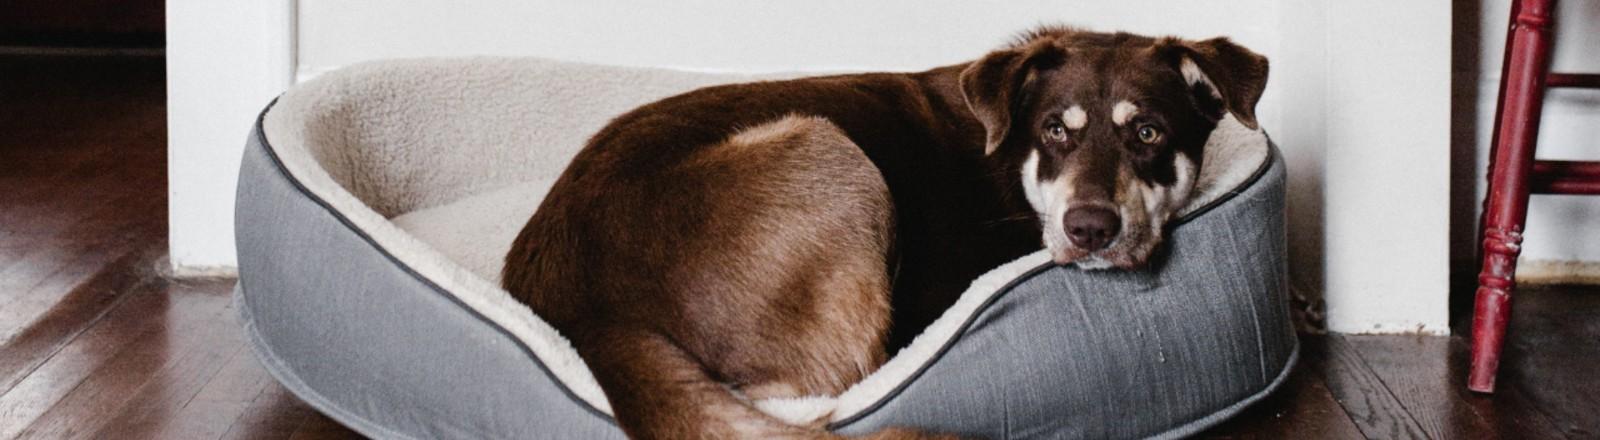 Ein Hund liegt im Körbchen und guckt traurig.